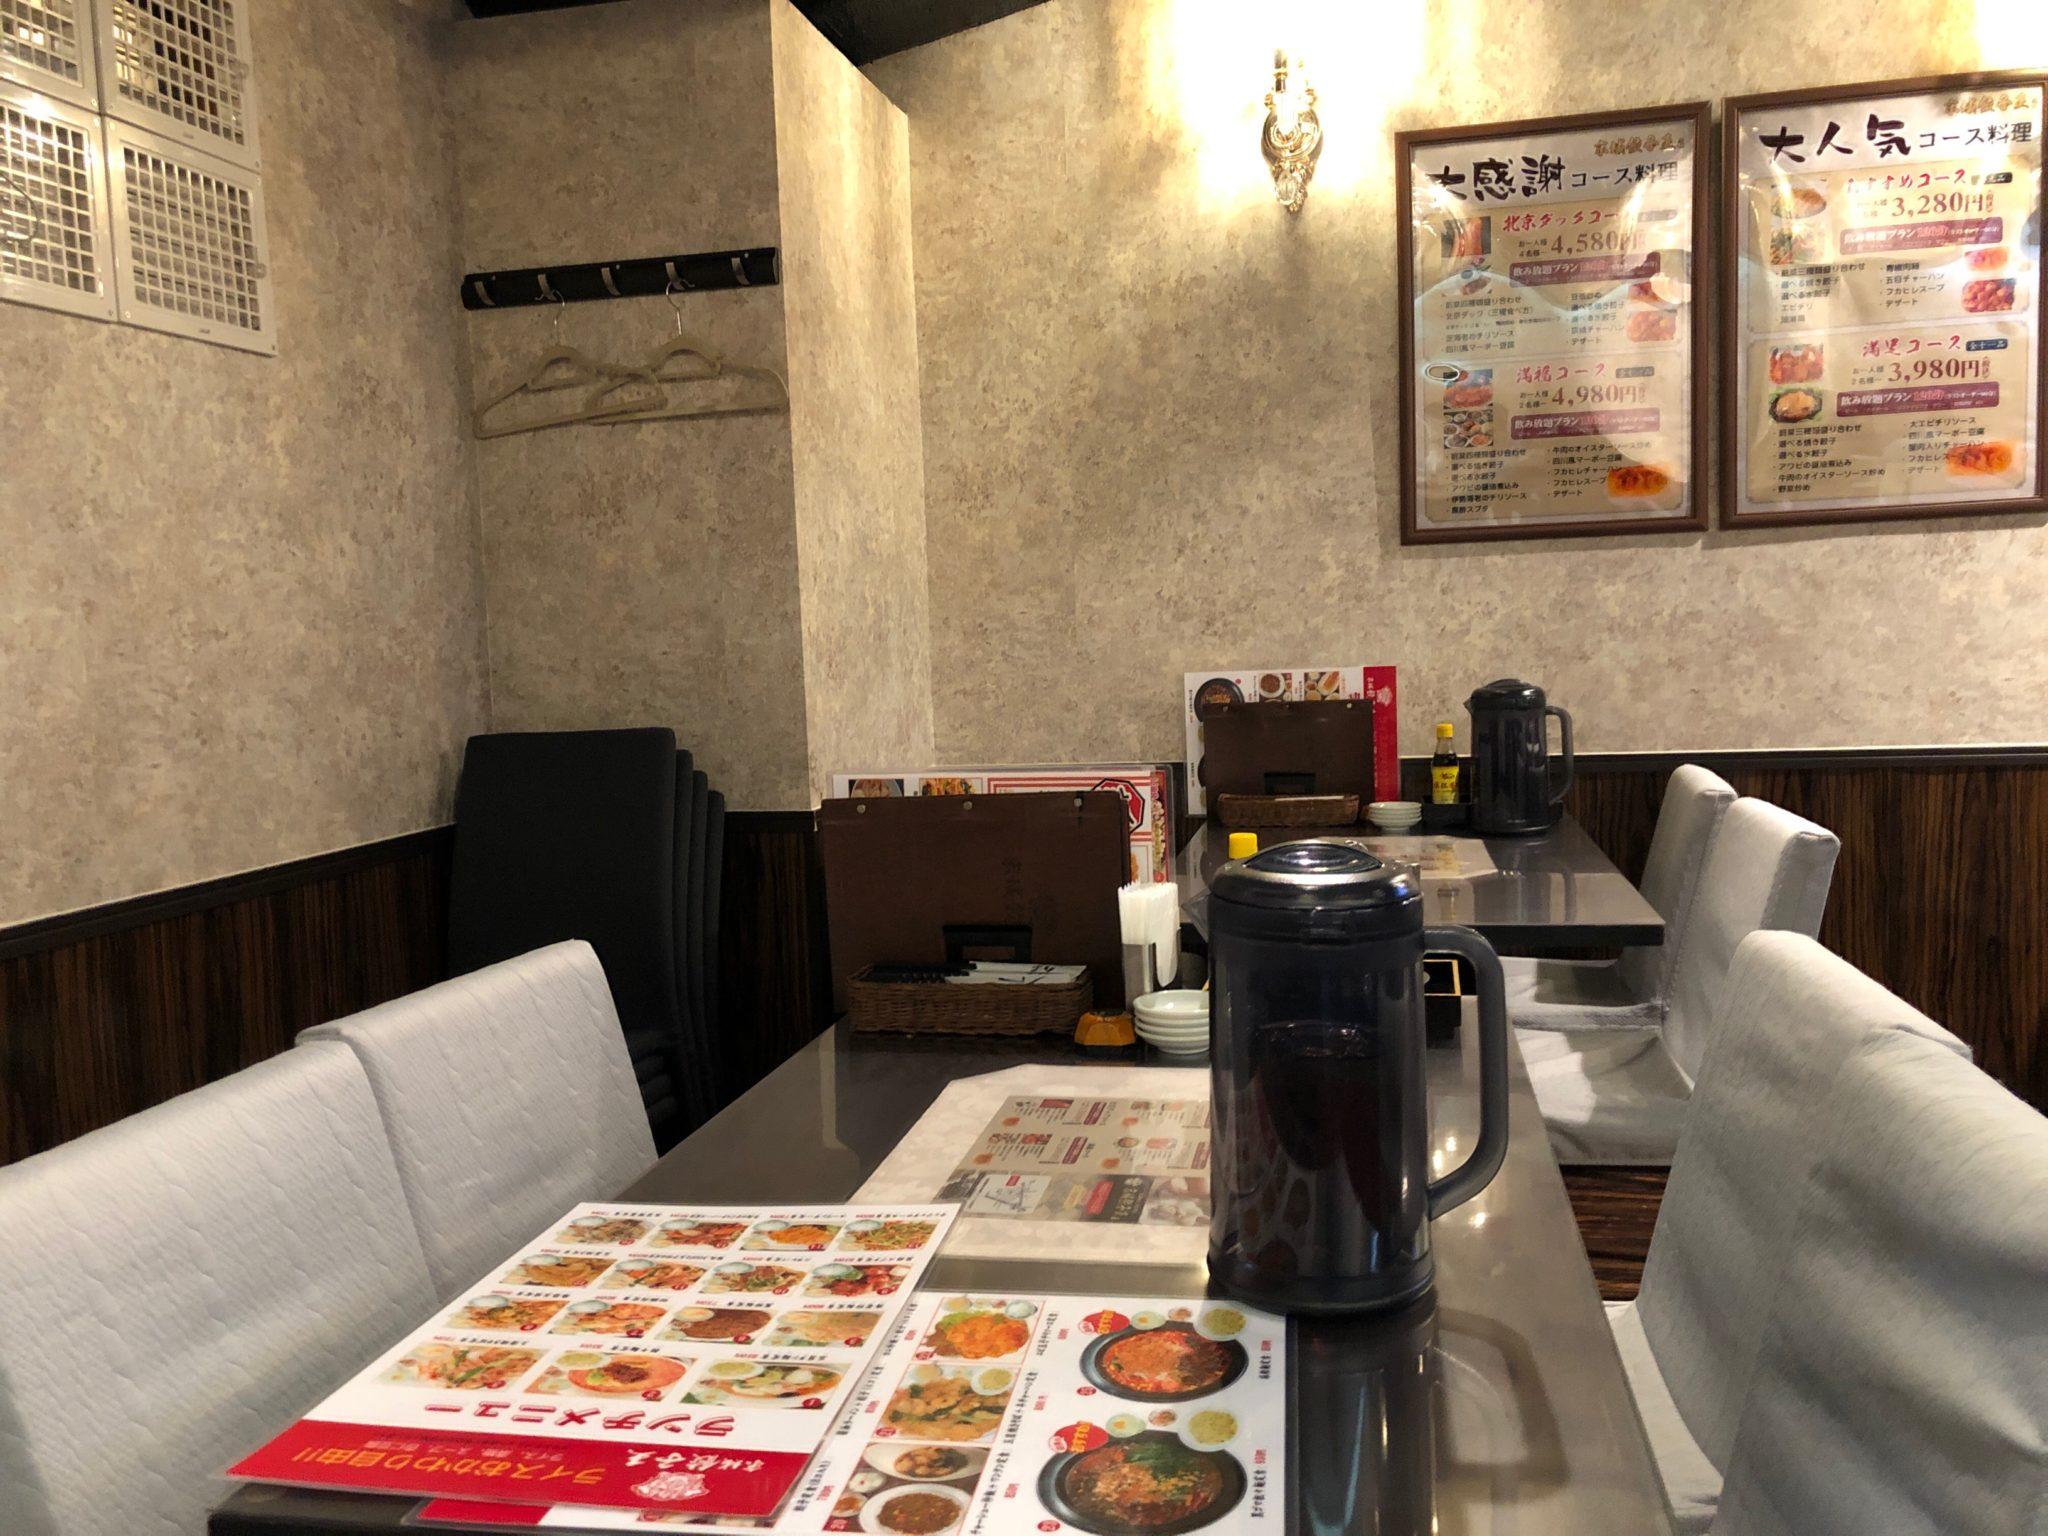 京城餃子王のテーブル席